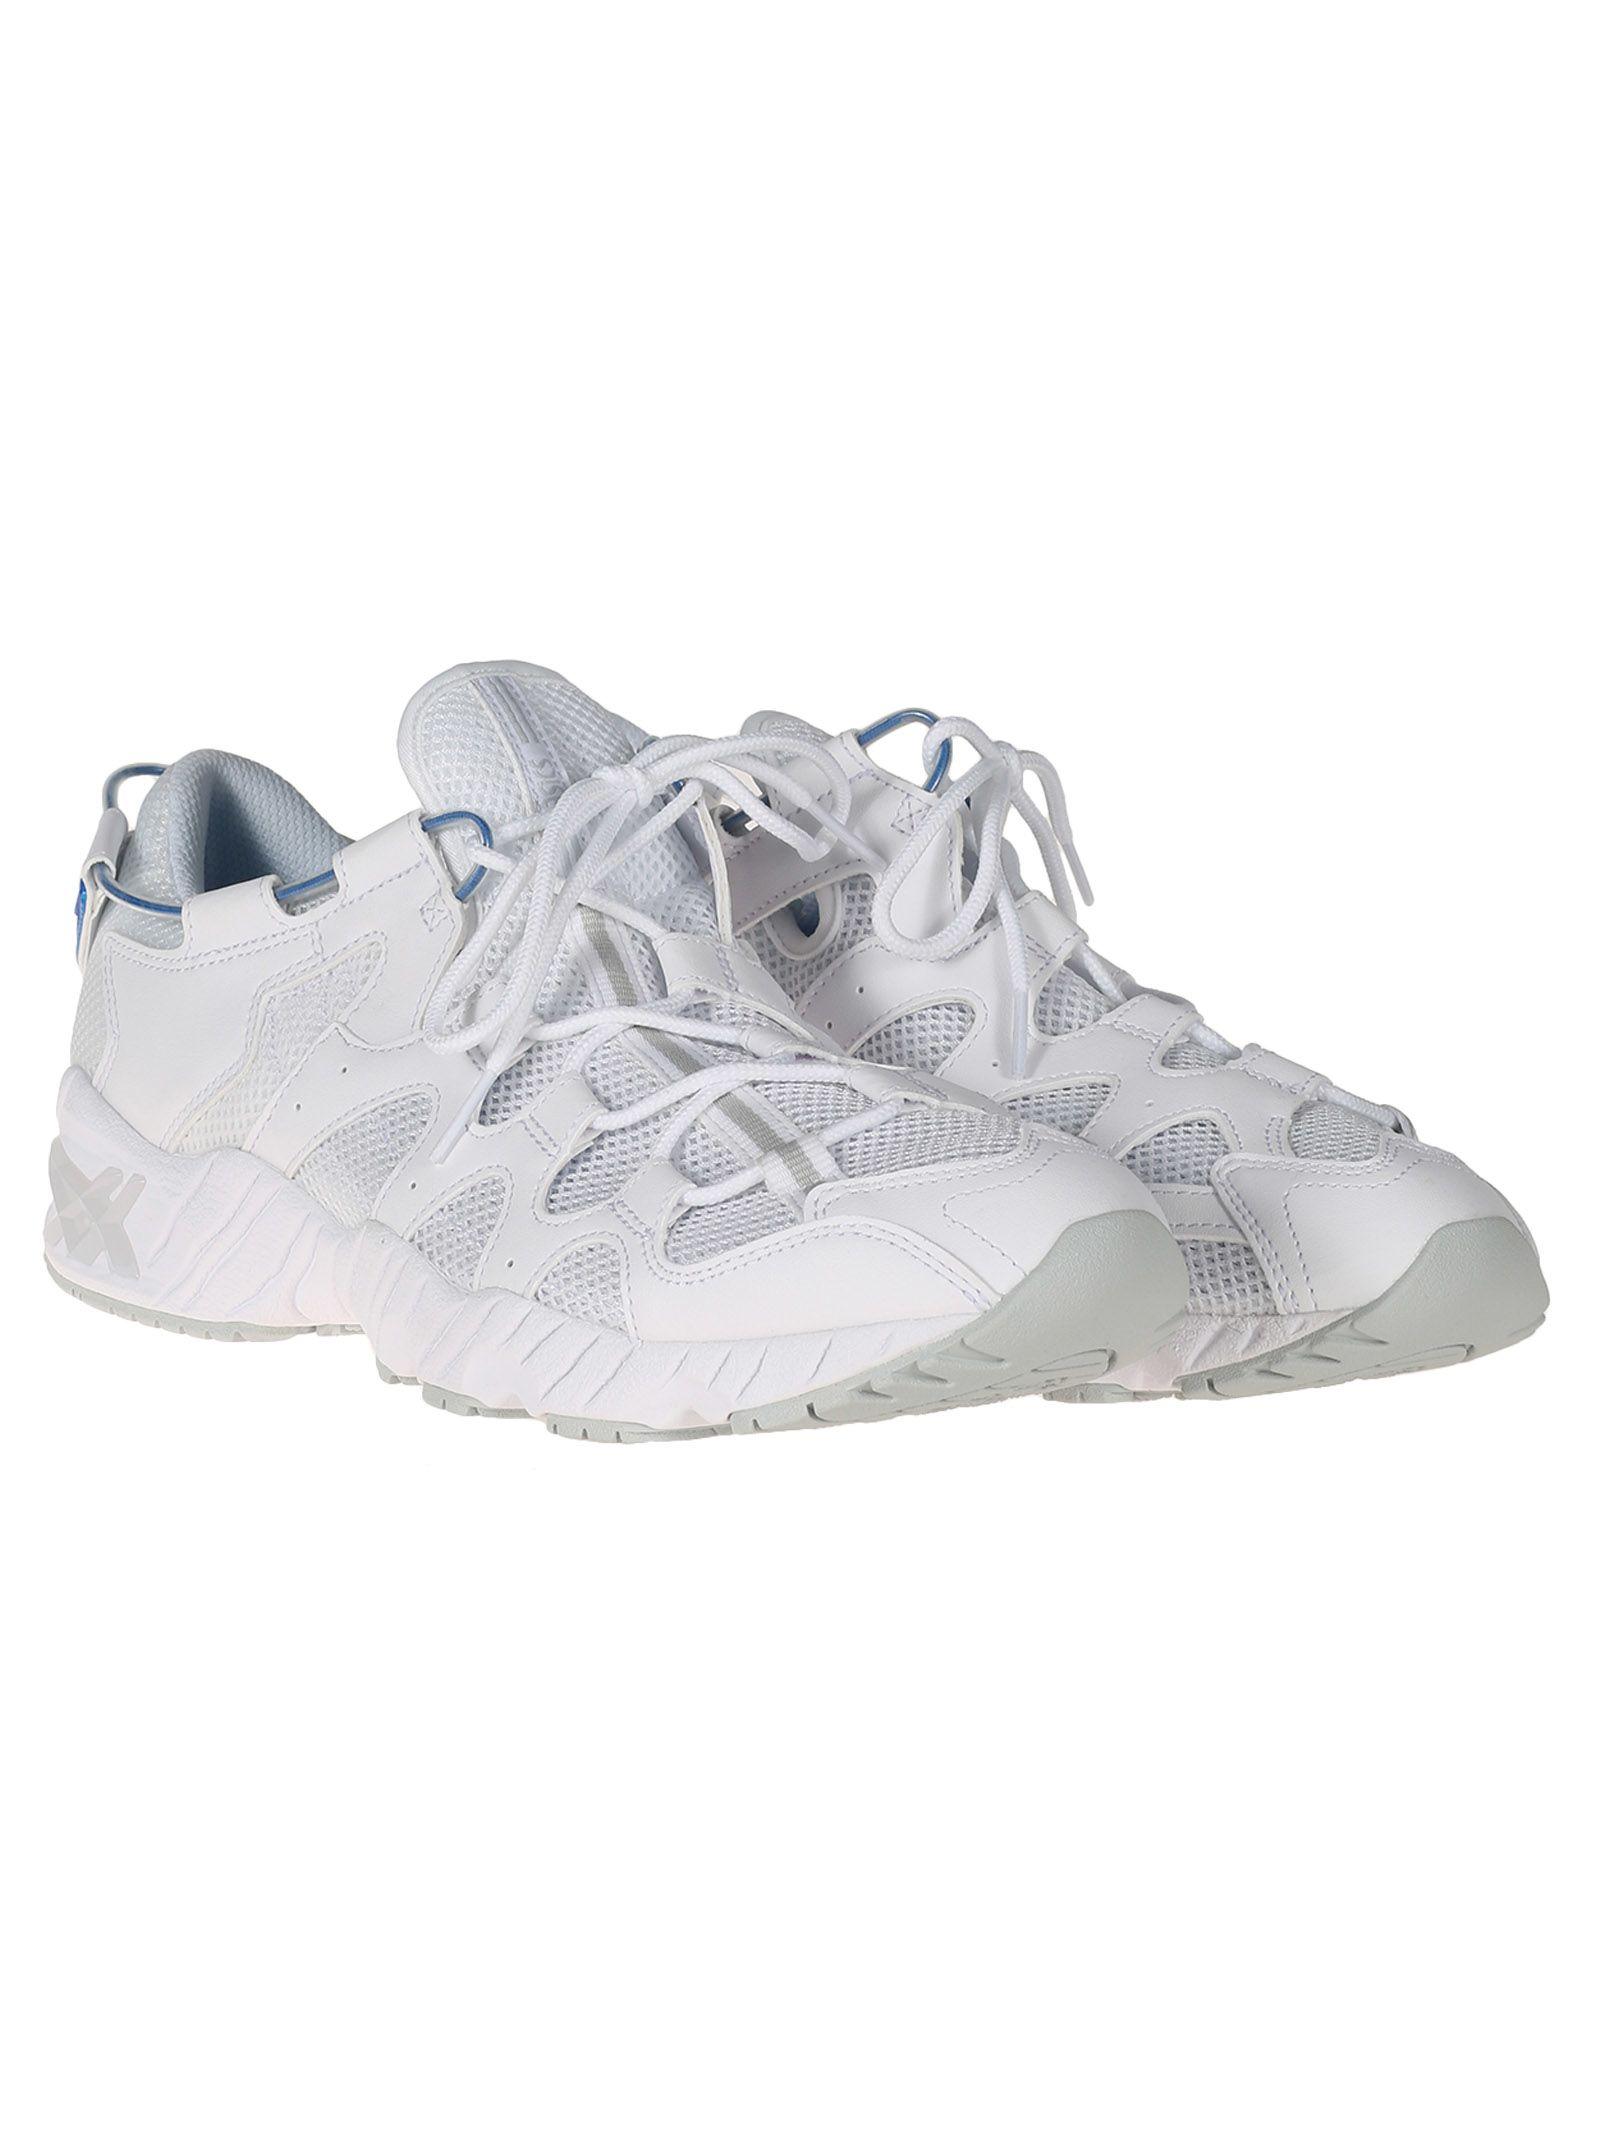 Asics Runner Sneakers